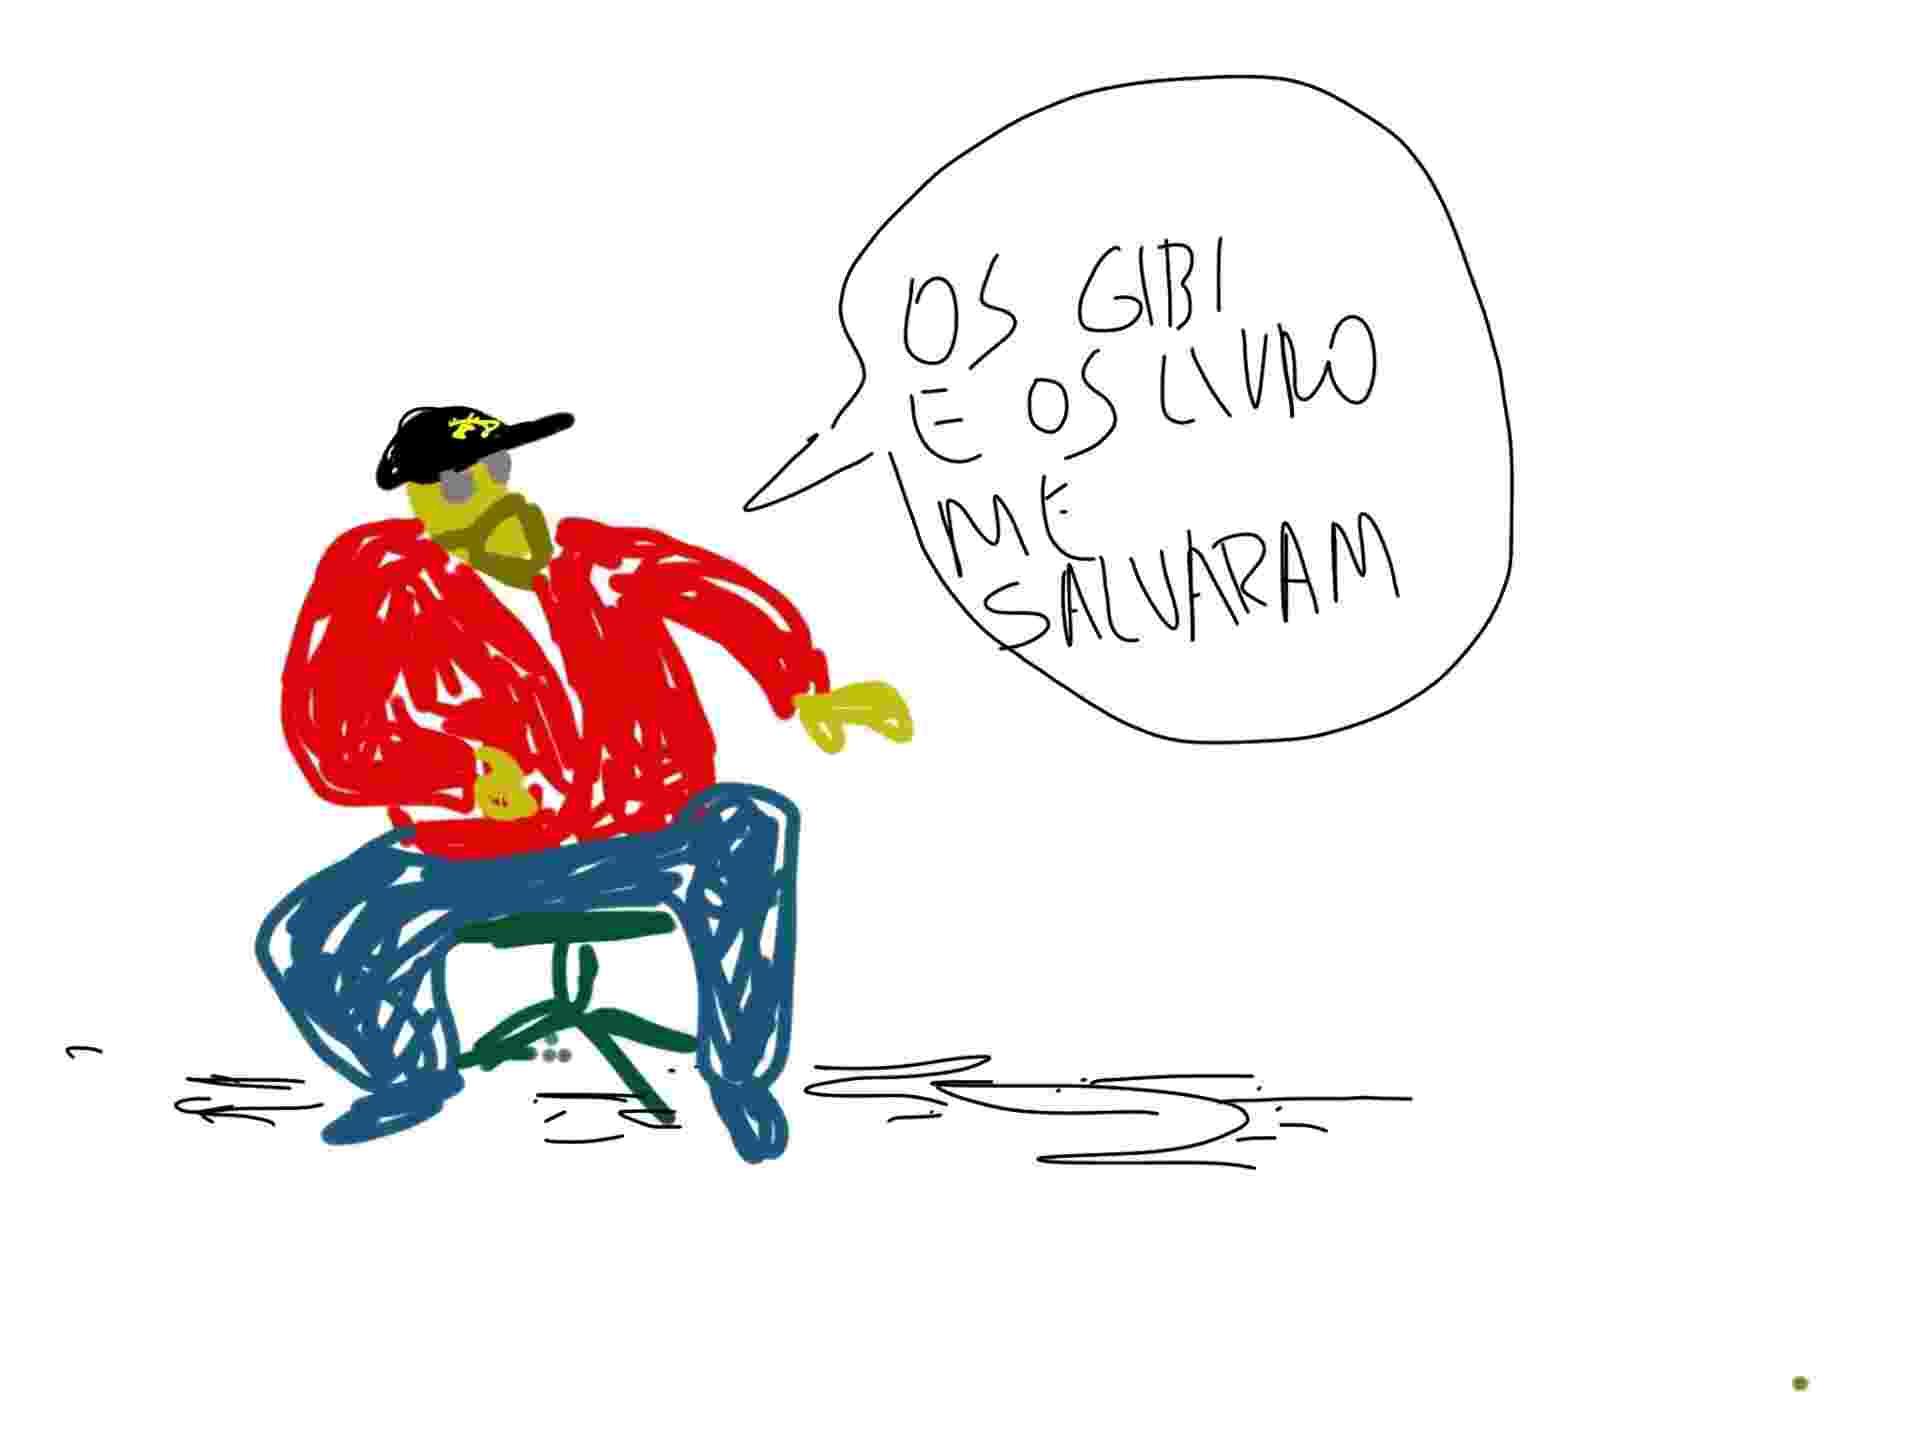 """31.jul.2014 - O escritor paulistano Reginaldo Ferreira da Silva, mais conhecido como Ferréz, deu a letra na Casa de Cultura durante a Flip: """"Os gibis e os livro (sic) me salvaram"""" - Orlando"""